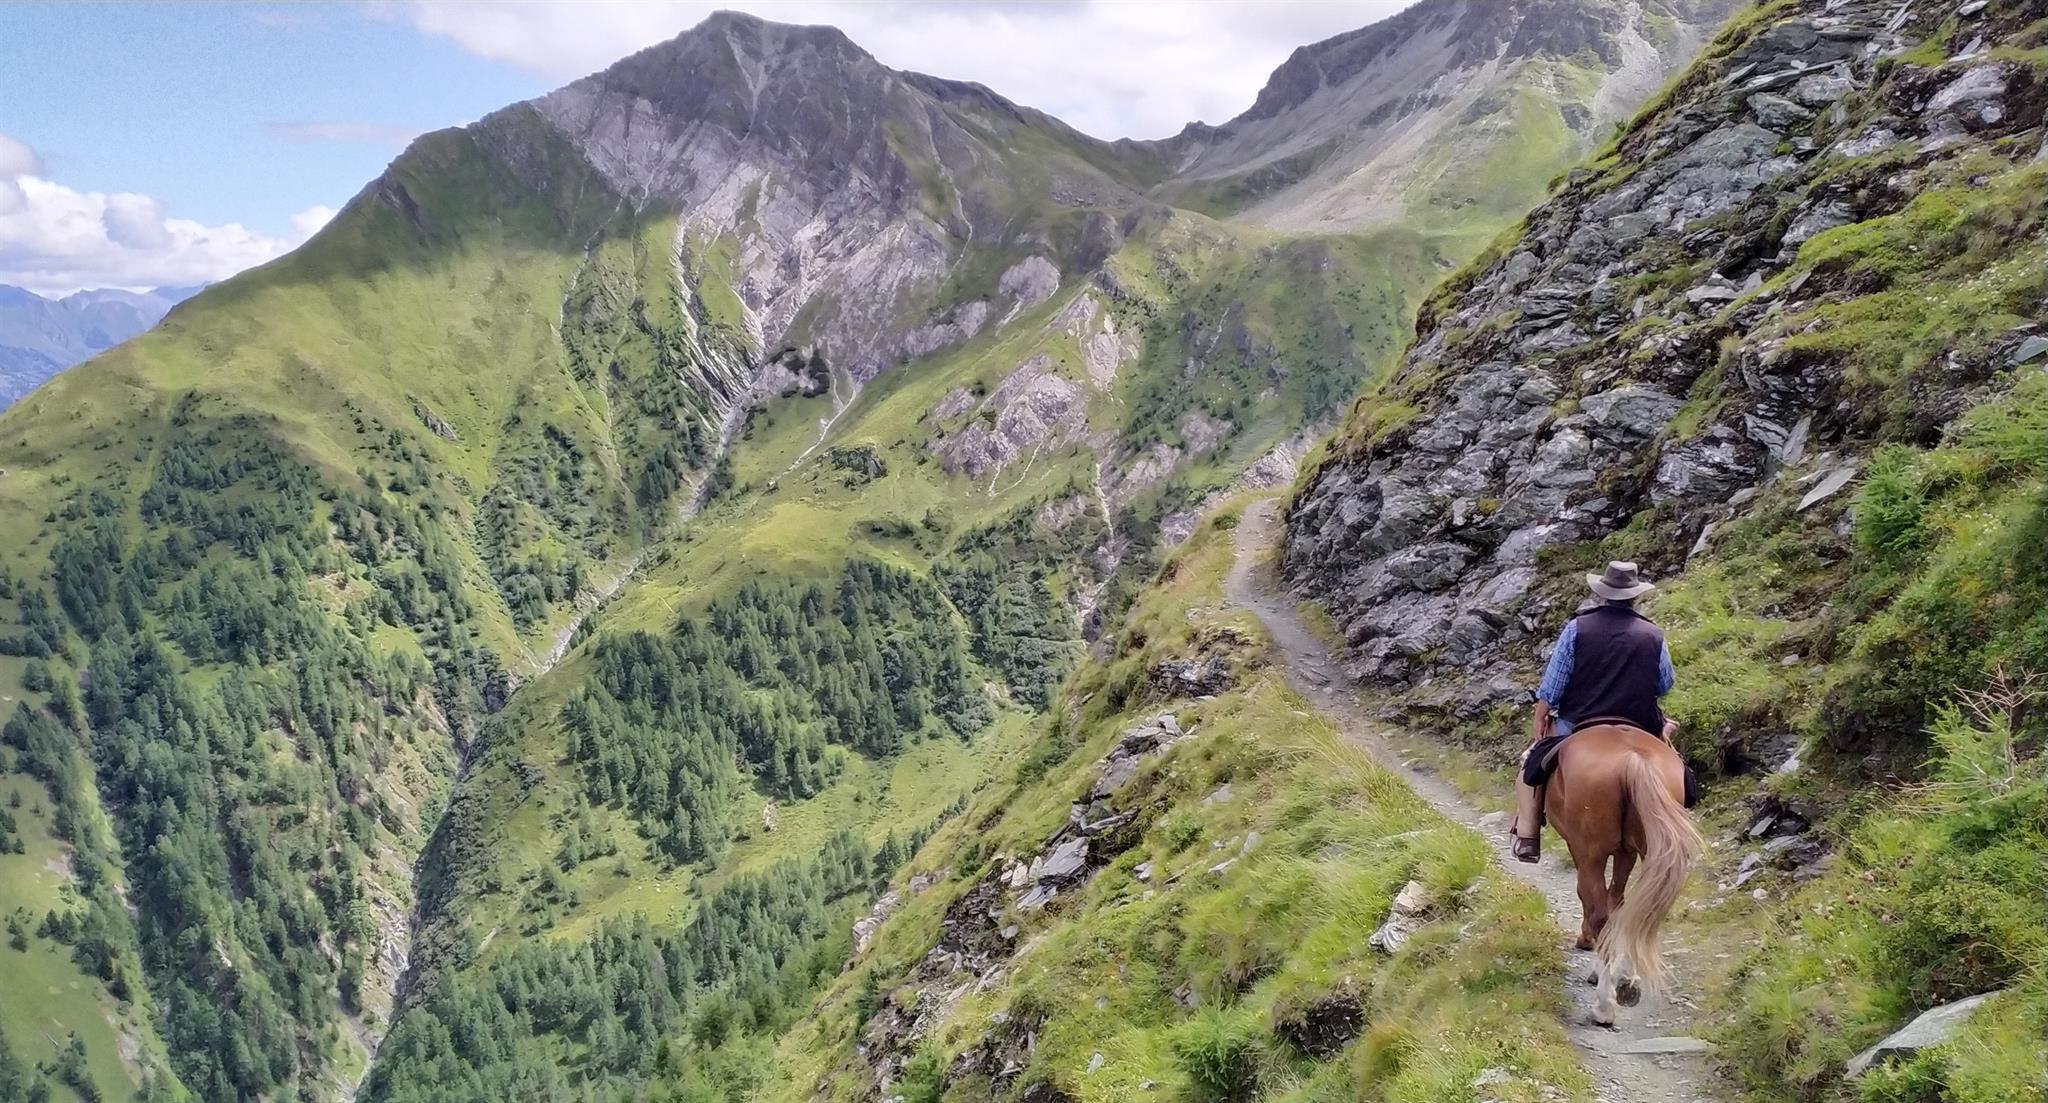 Reiten-Tirol-Praegraten-am-Grossvenediger.jpg